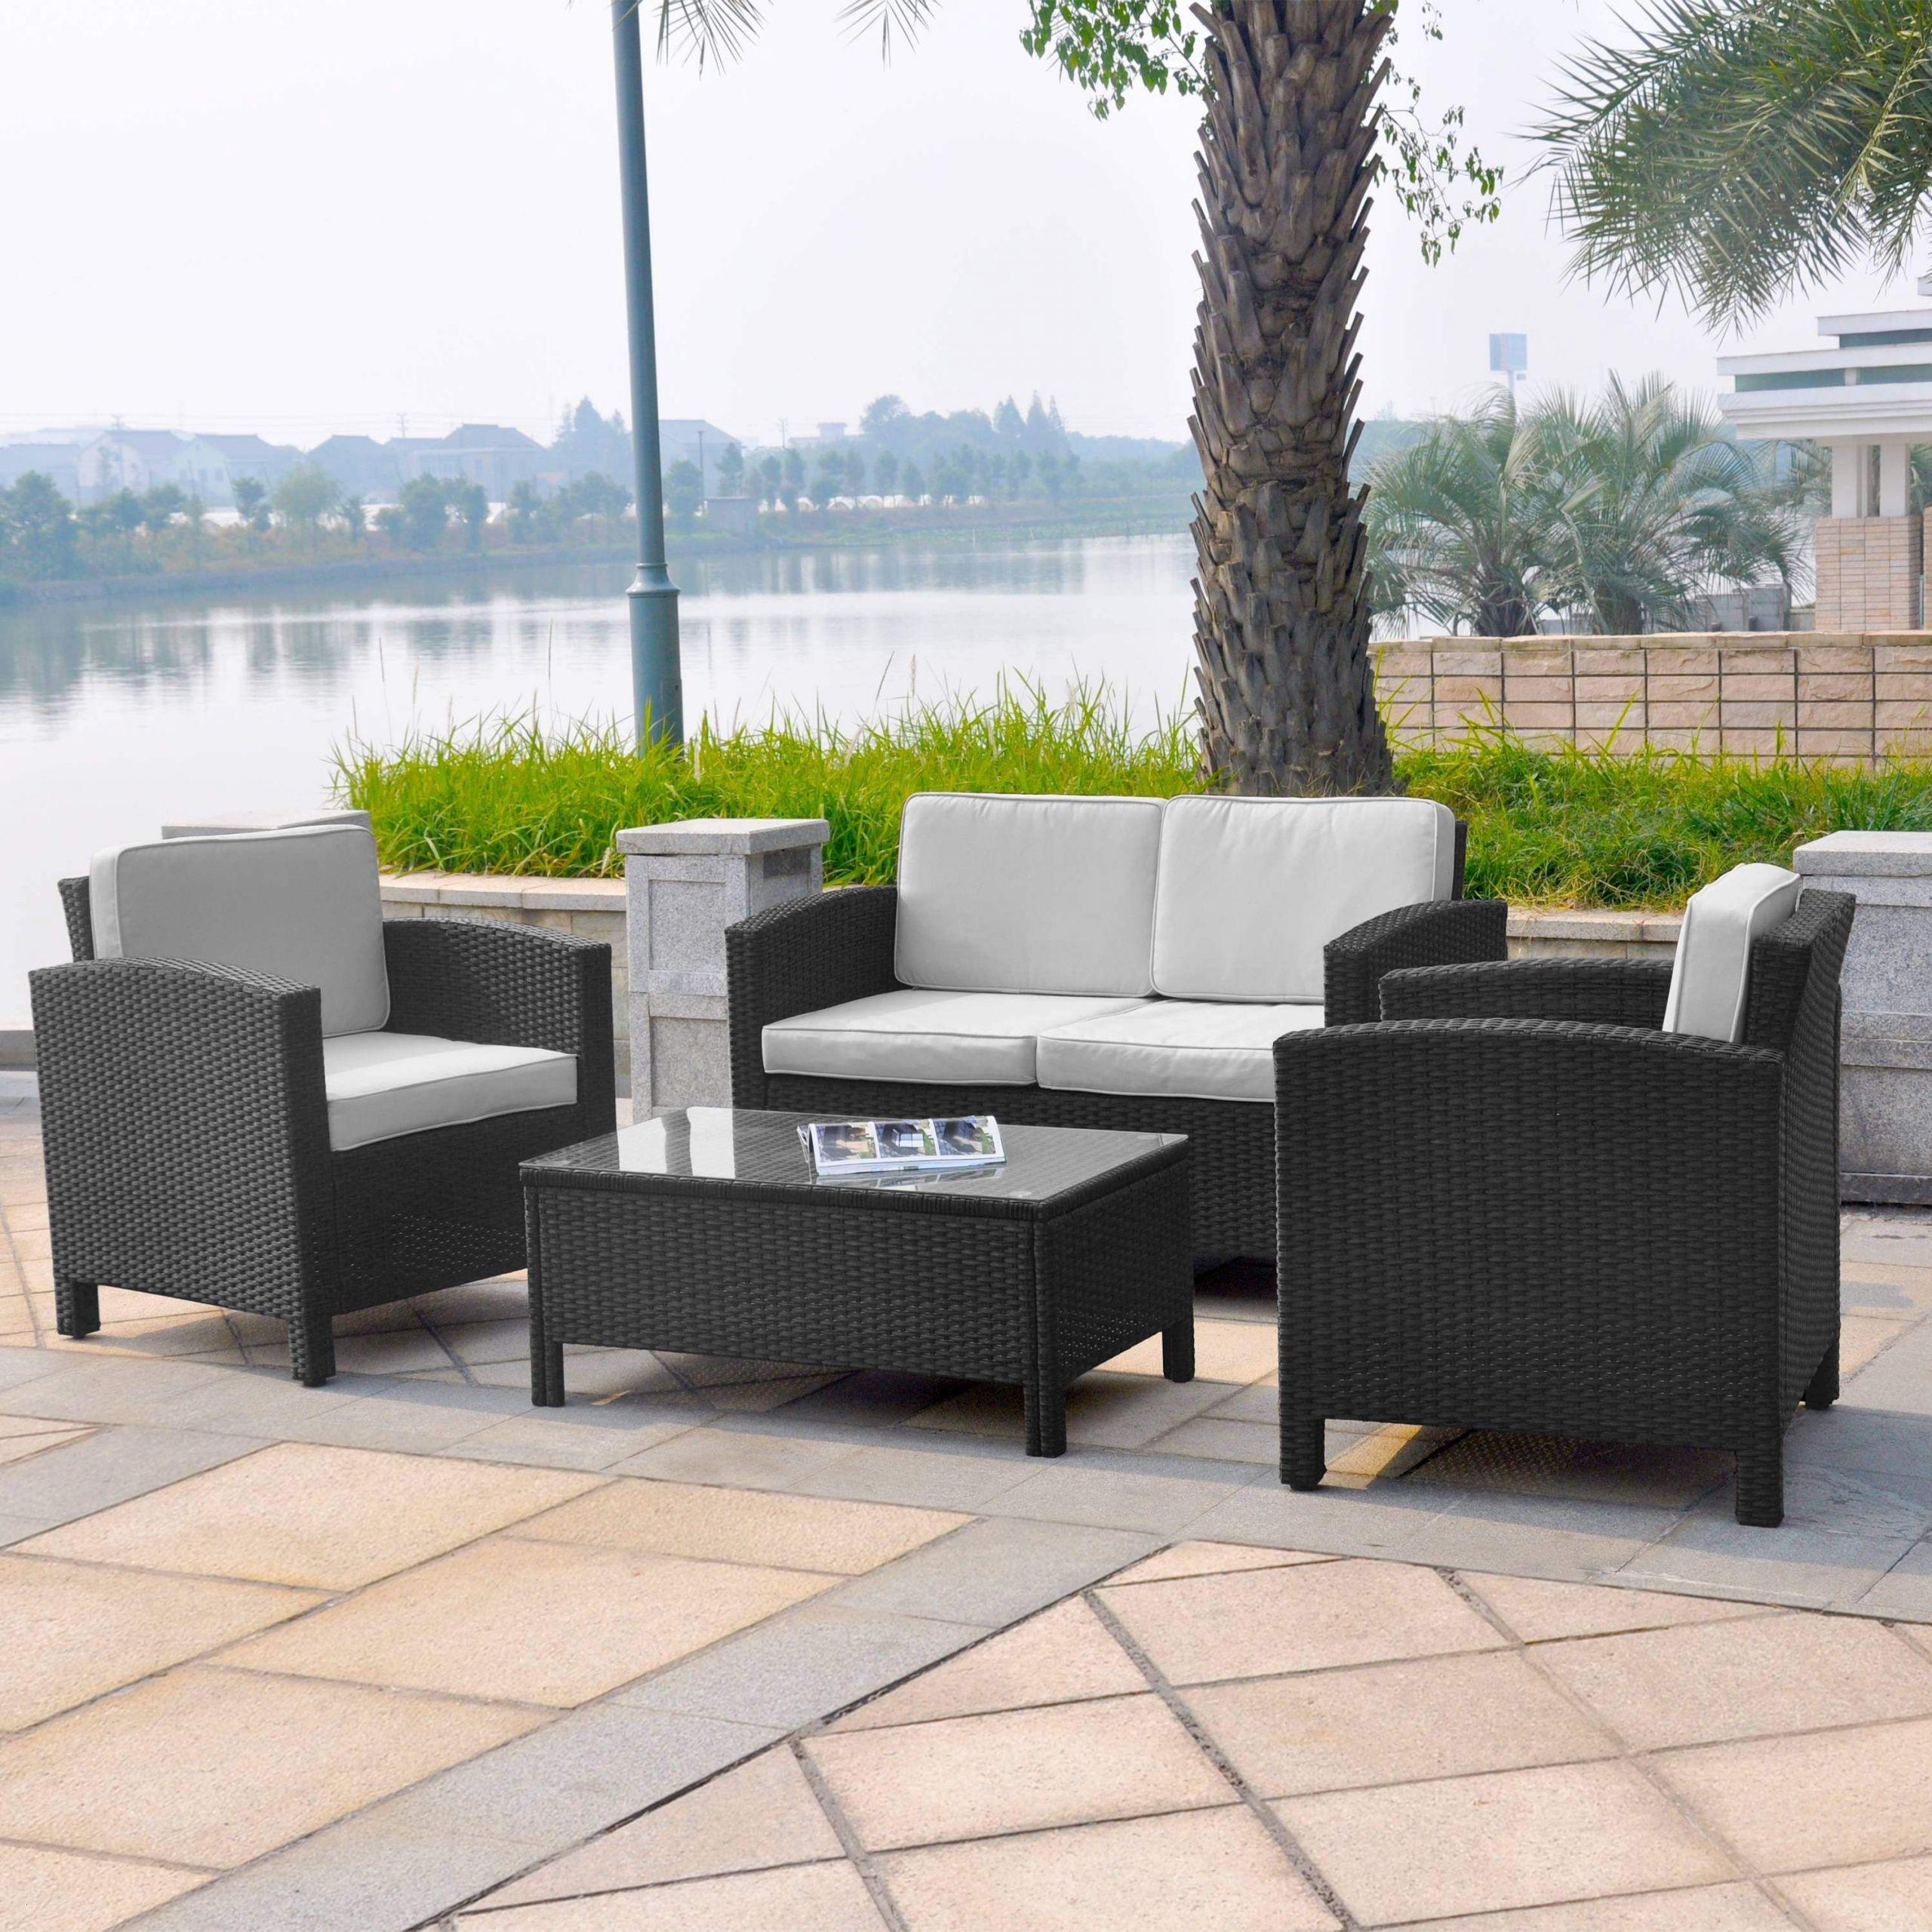 garten ideen diy das beste von 11 tisch stuhle terrasse einzigartig of garten ideen diy scaled